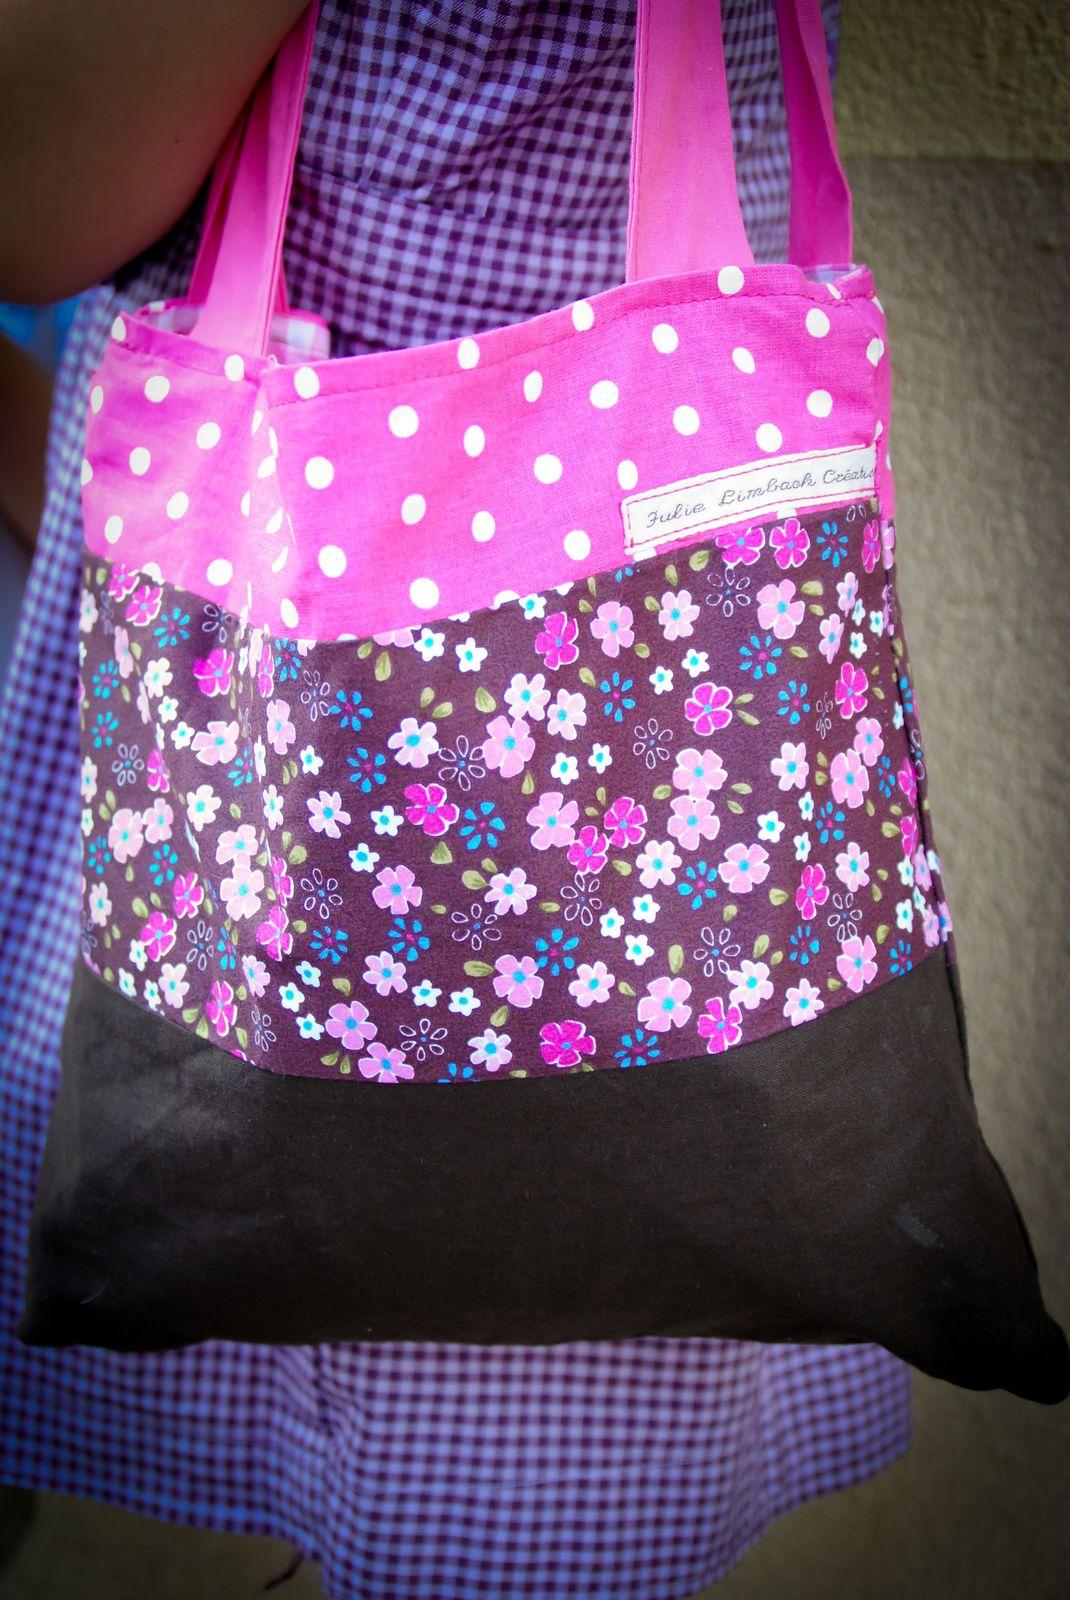 petit sac en tissu léger doublé coton 22x 20cm (vendu) possibilité de le refaire sur commande